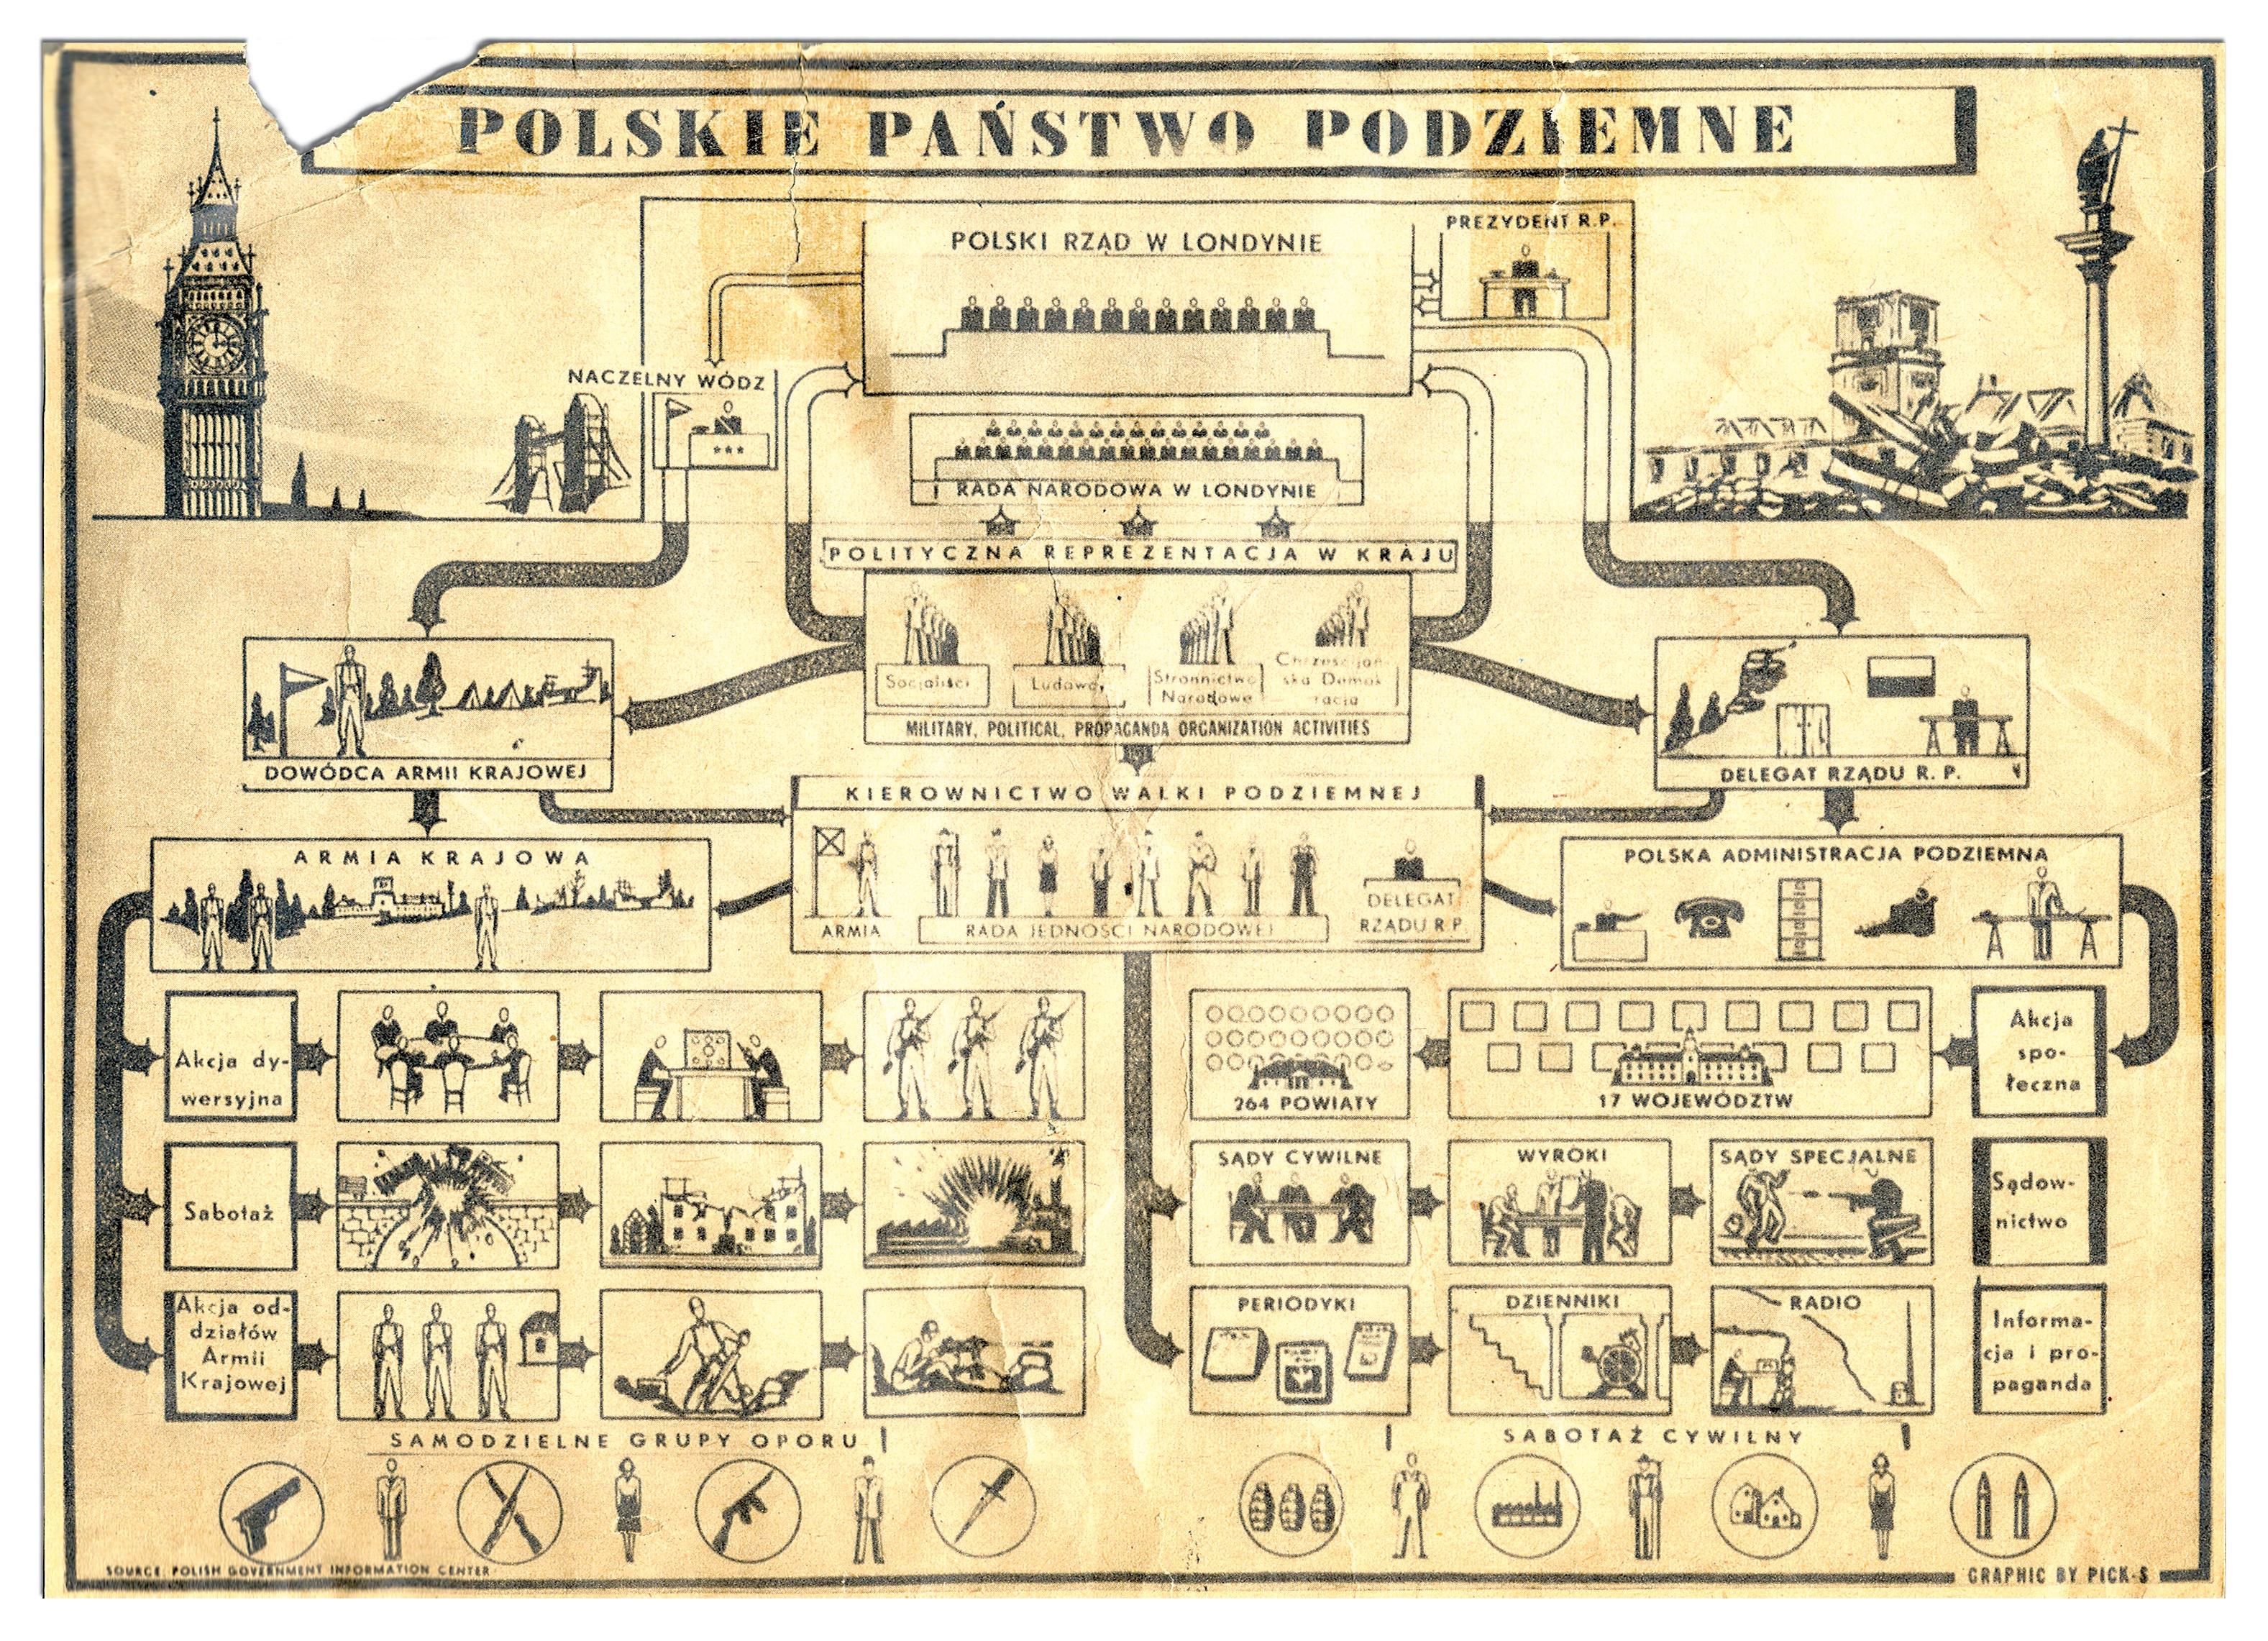 plakat schemat ppp 27 września   Narodowy Dzień Polskiego Państwa Podziemnego